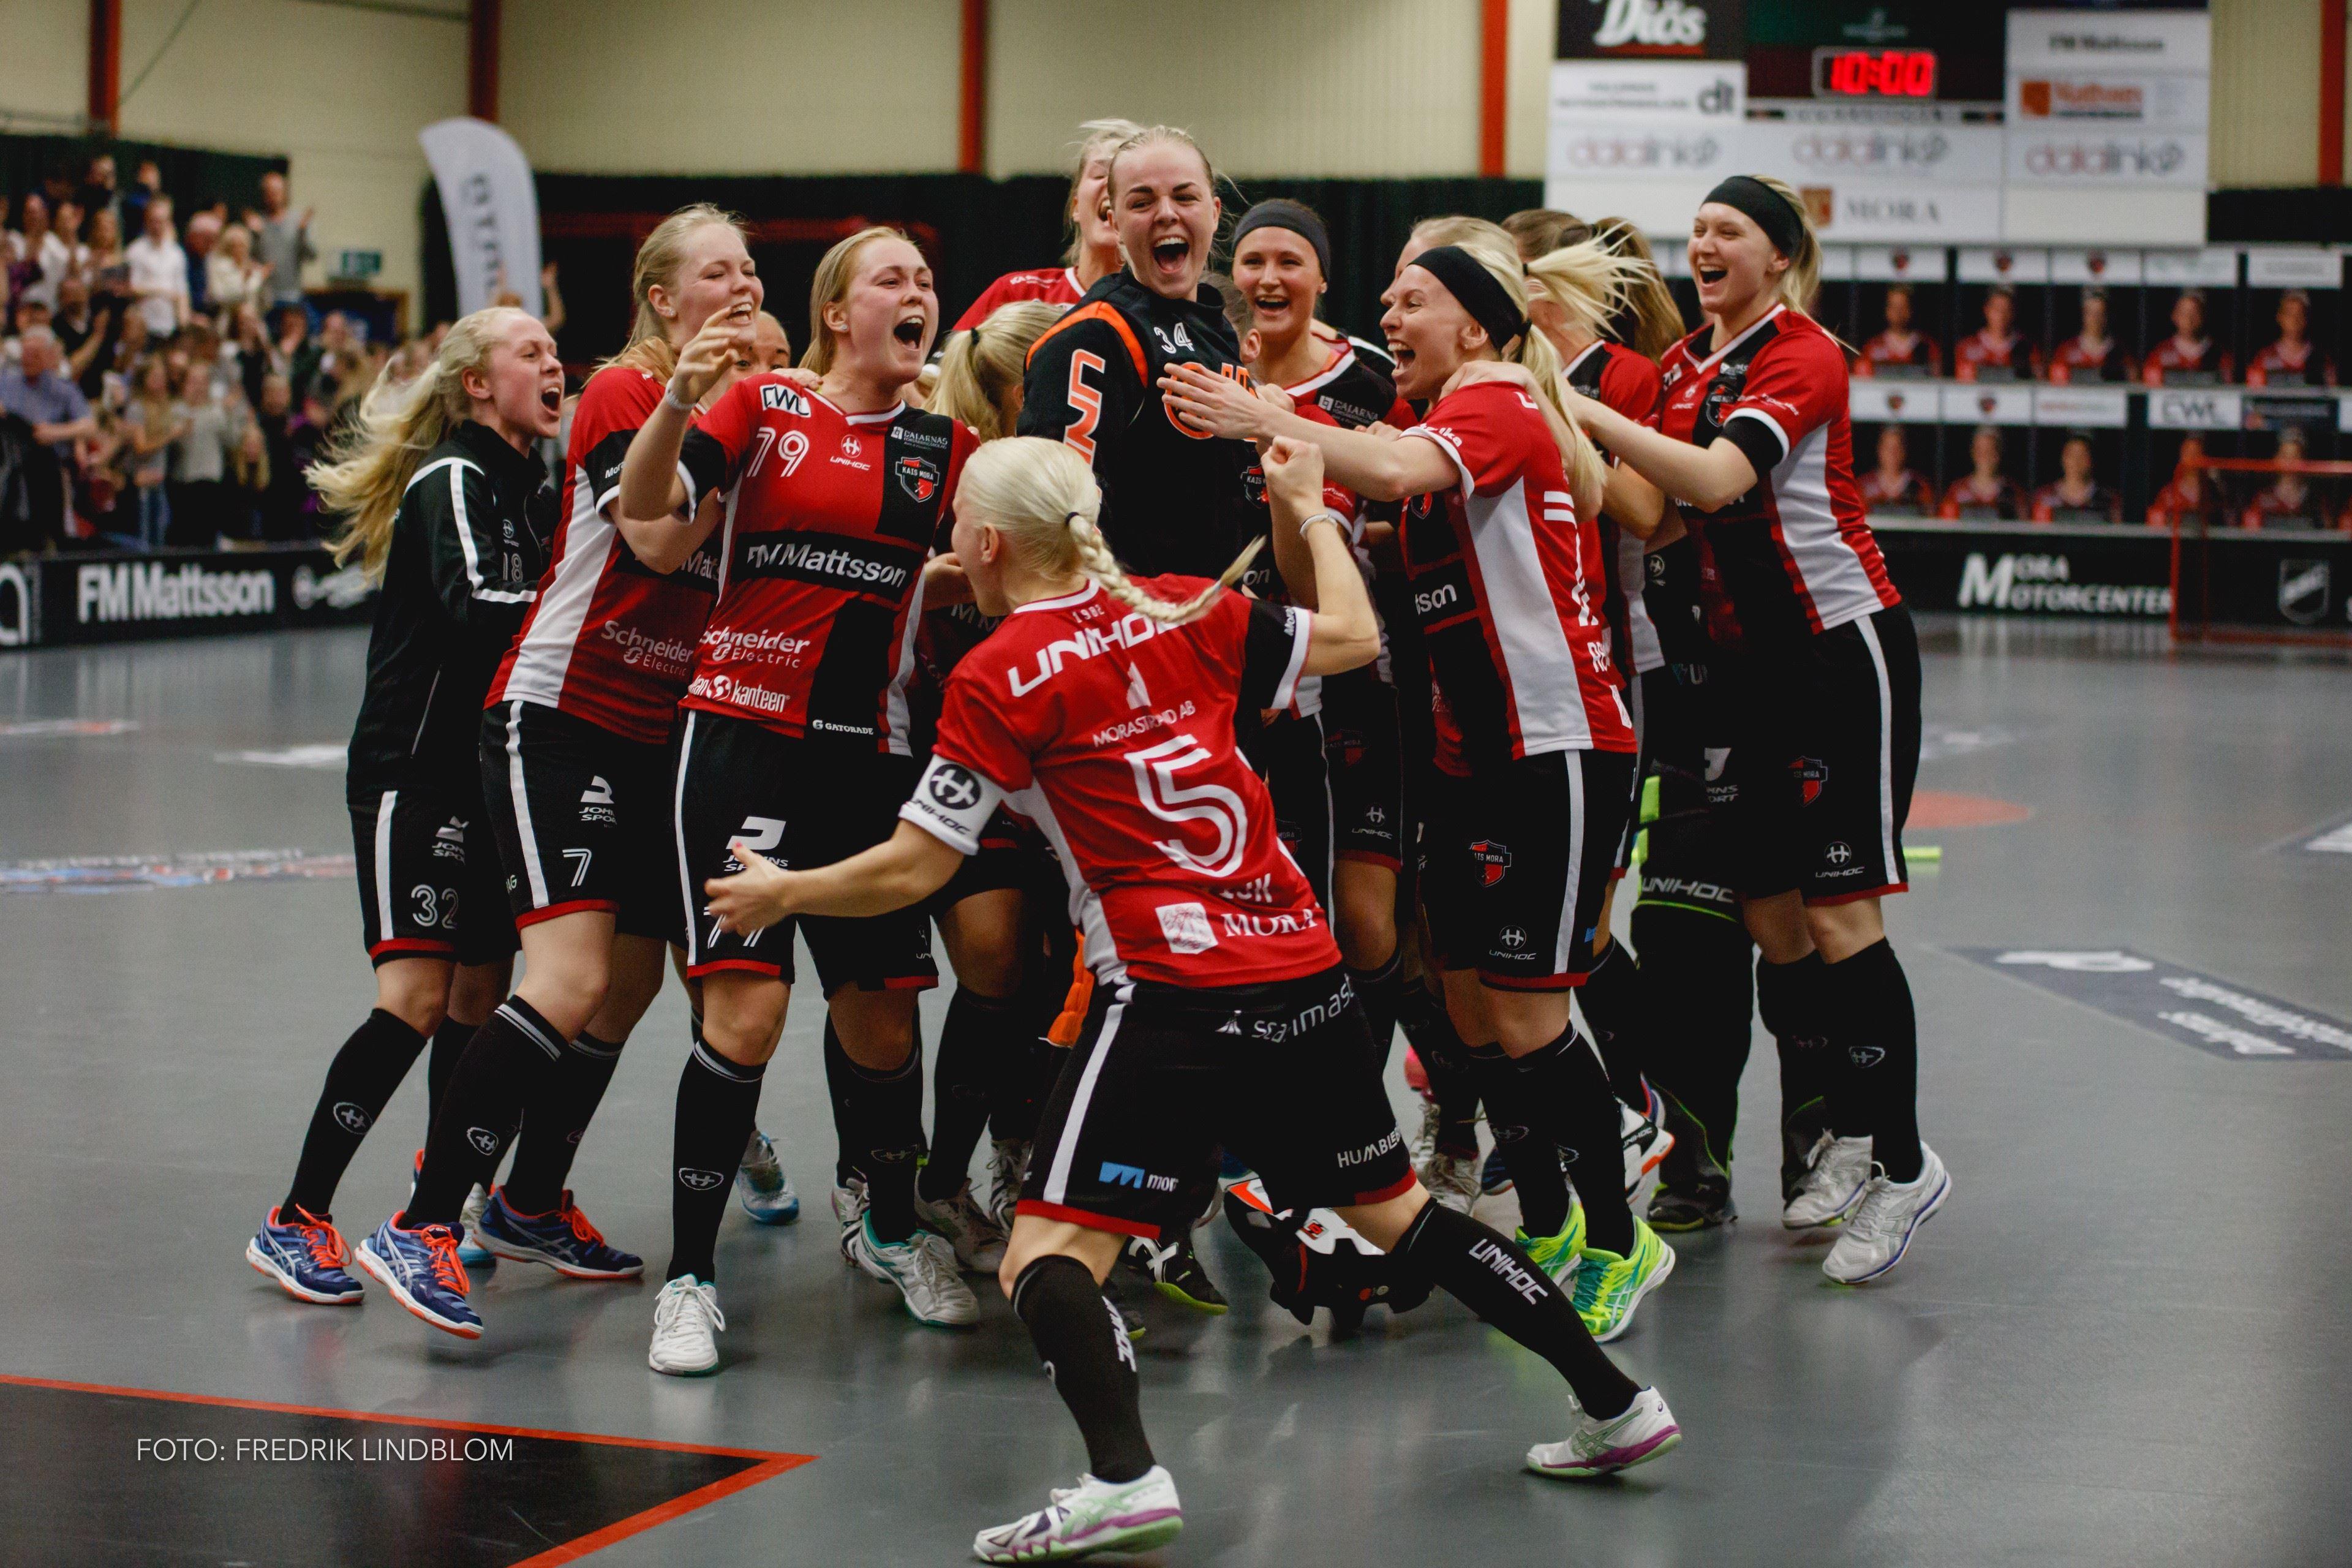 Innebandy Svenska Superligan damer, KAIS Mora - Telge SIBK